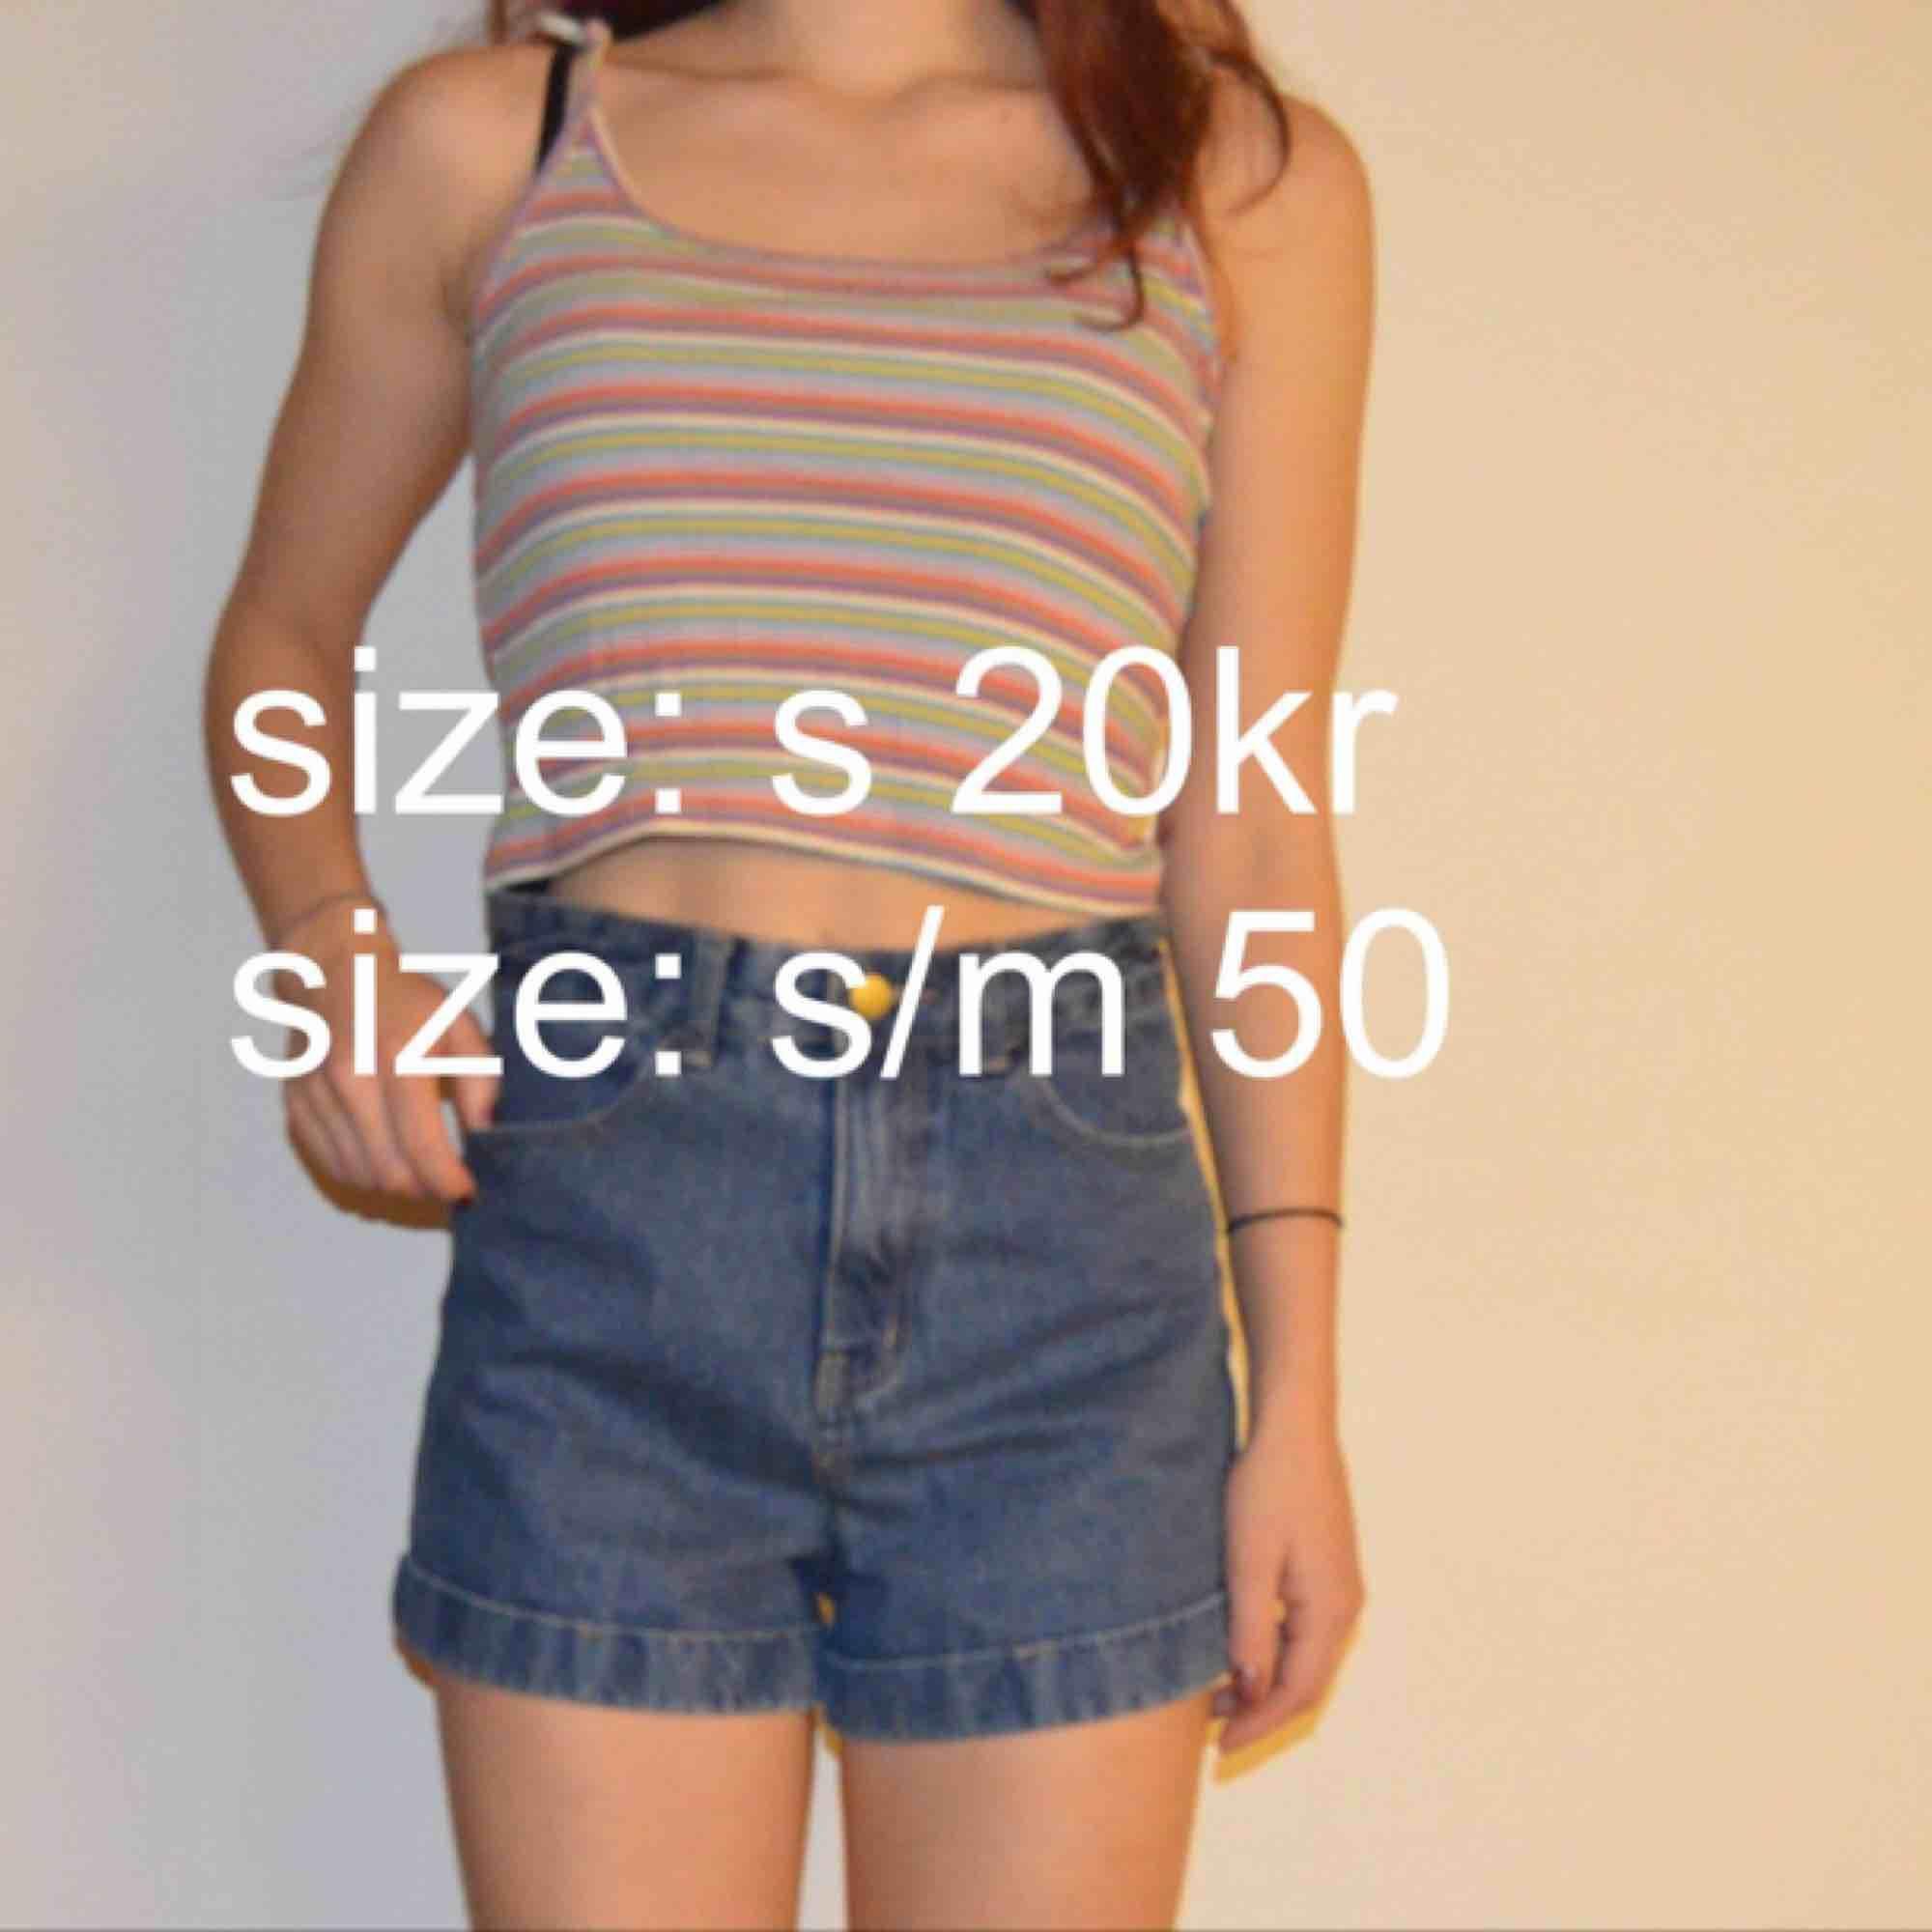 Linne och shorts. Shorts.